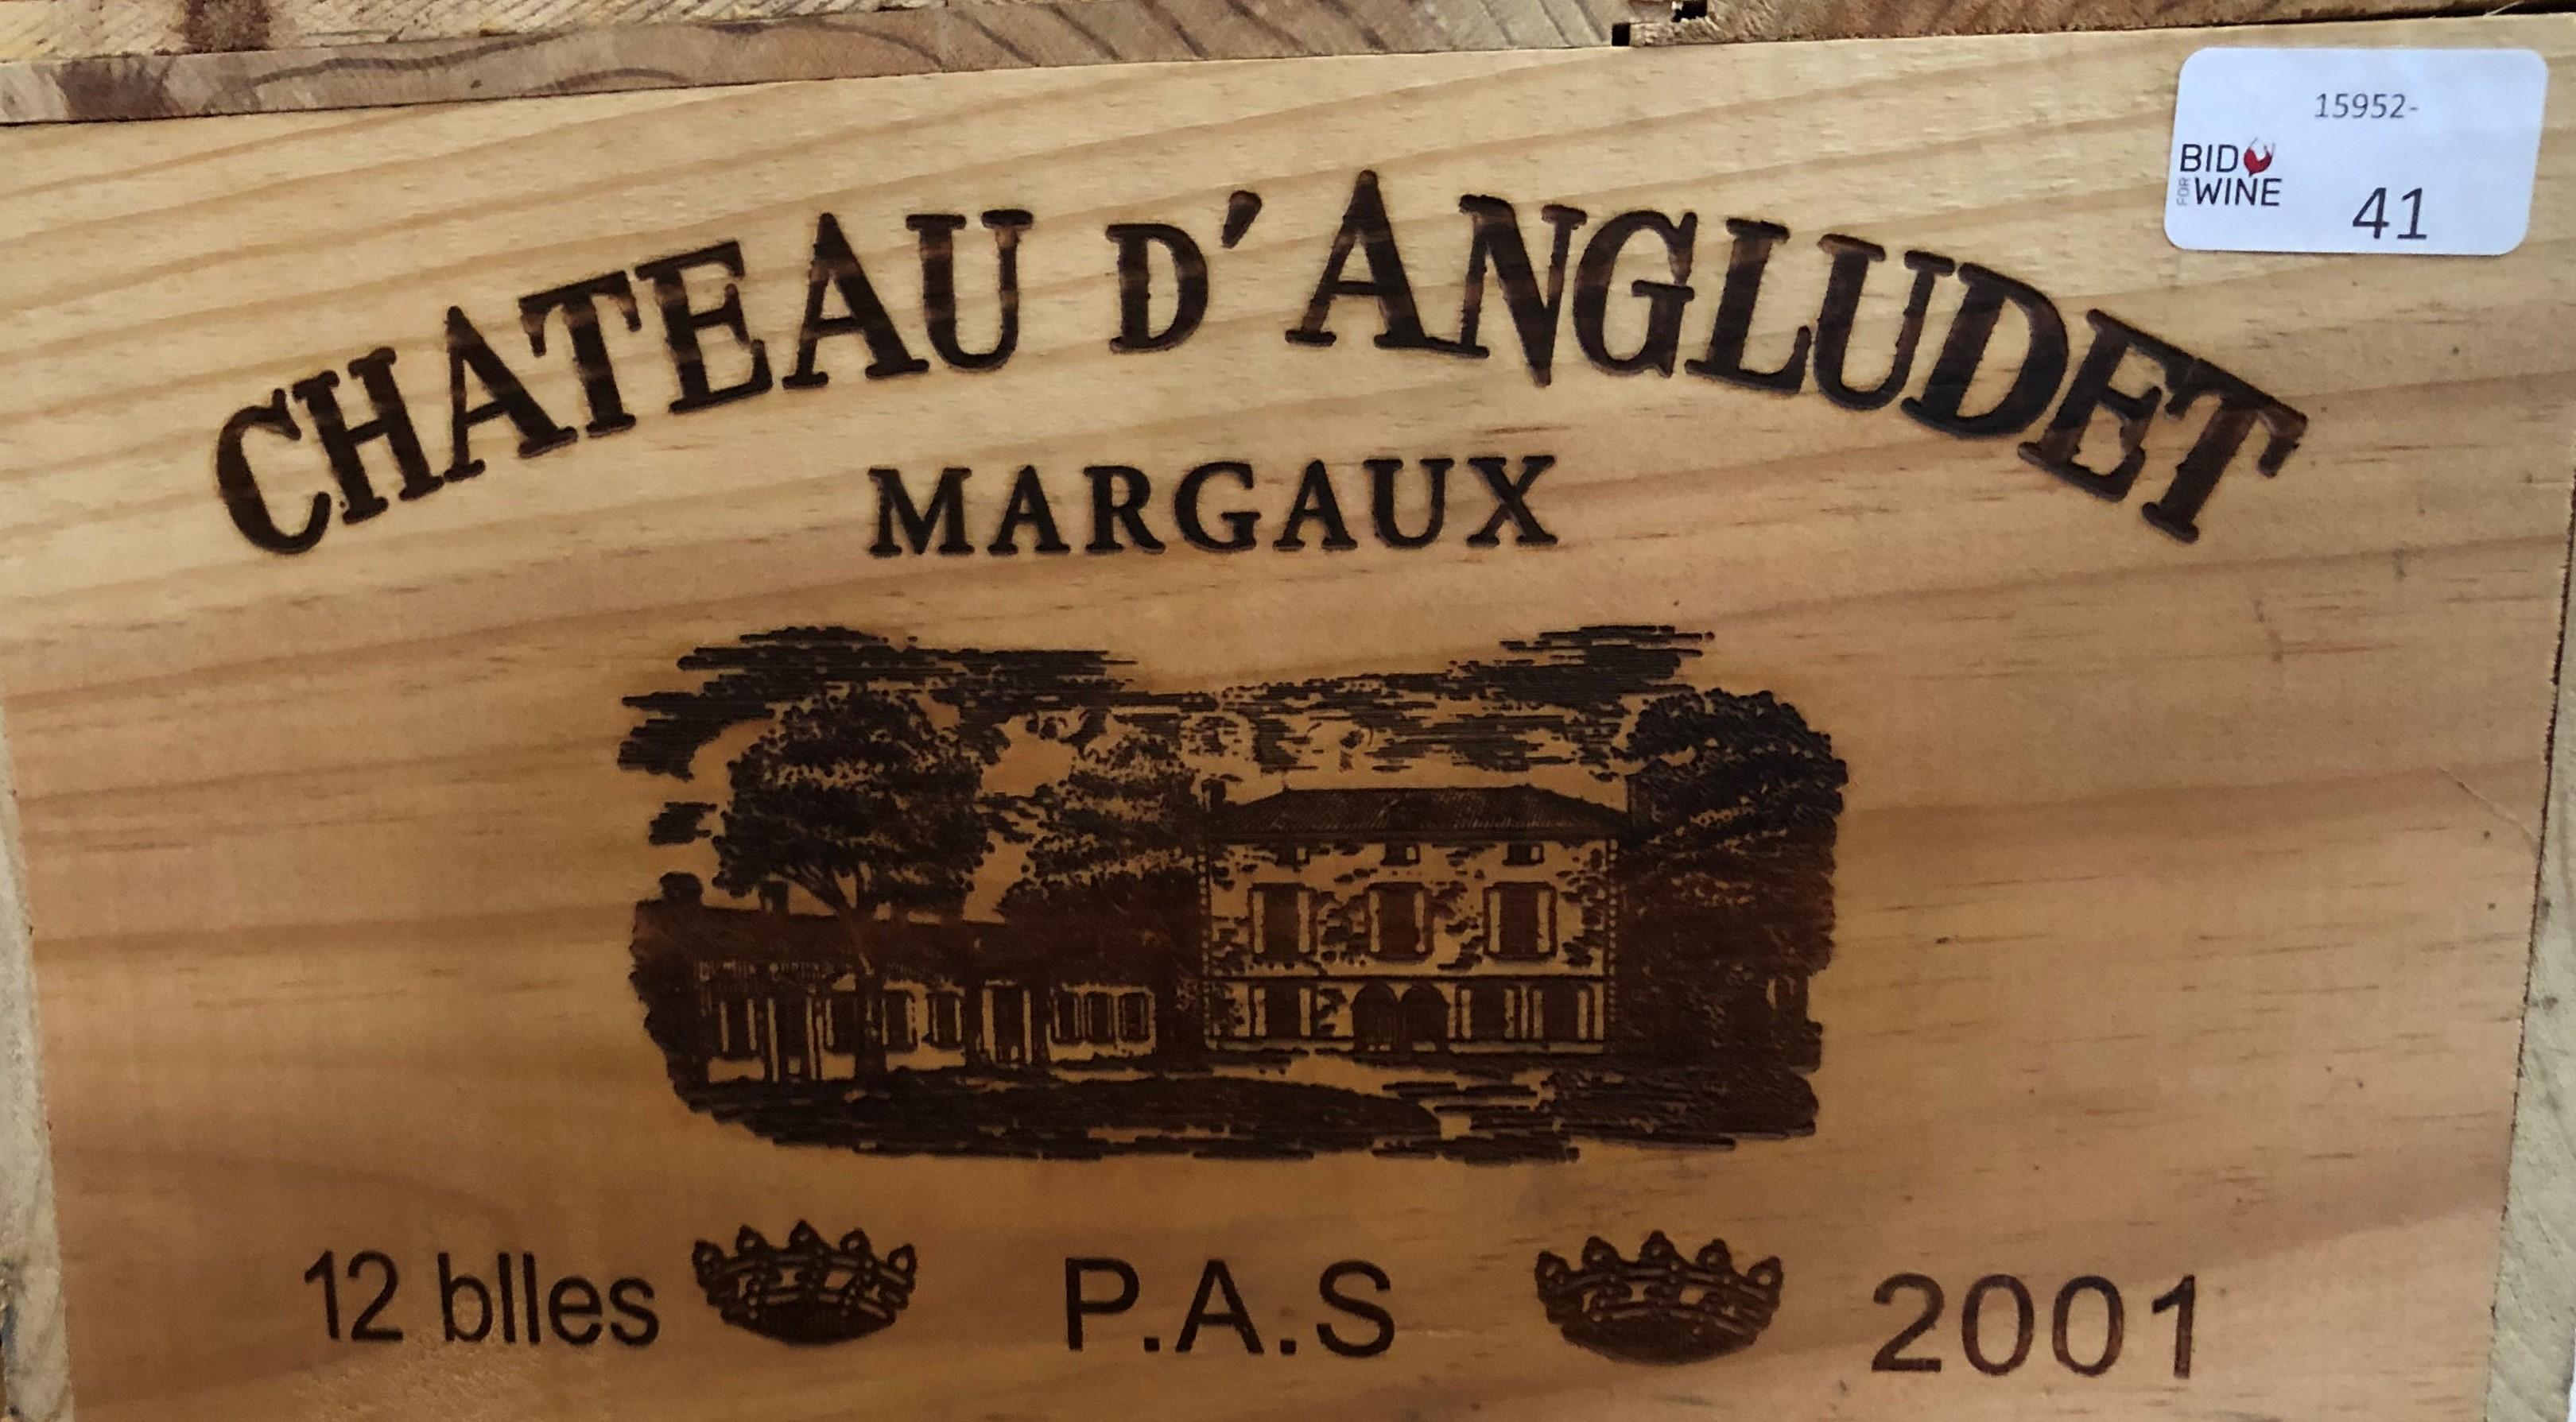 Lot 50 - 2001 Angludet, Margaux, Bordeaux, France, 12 bottles